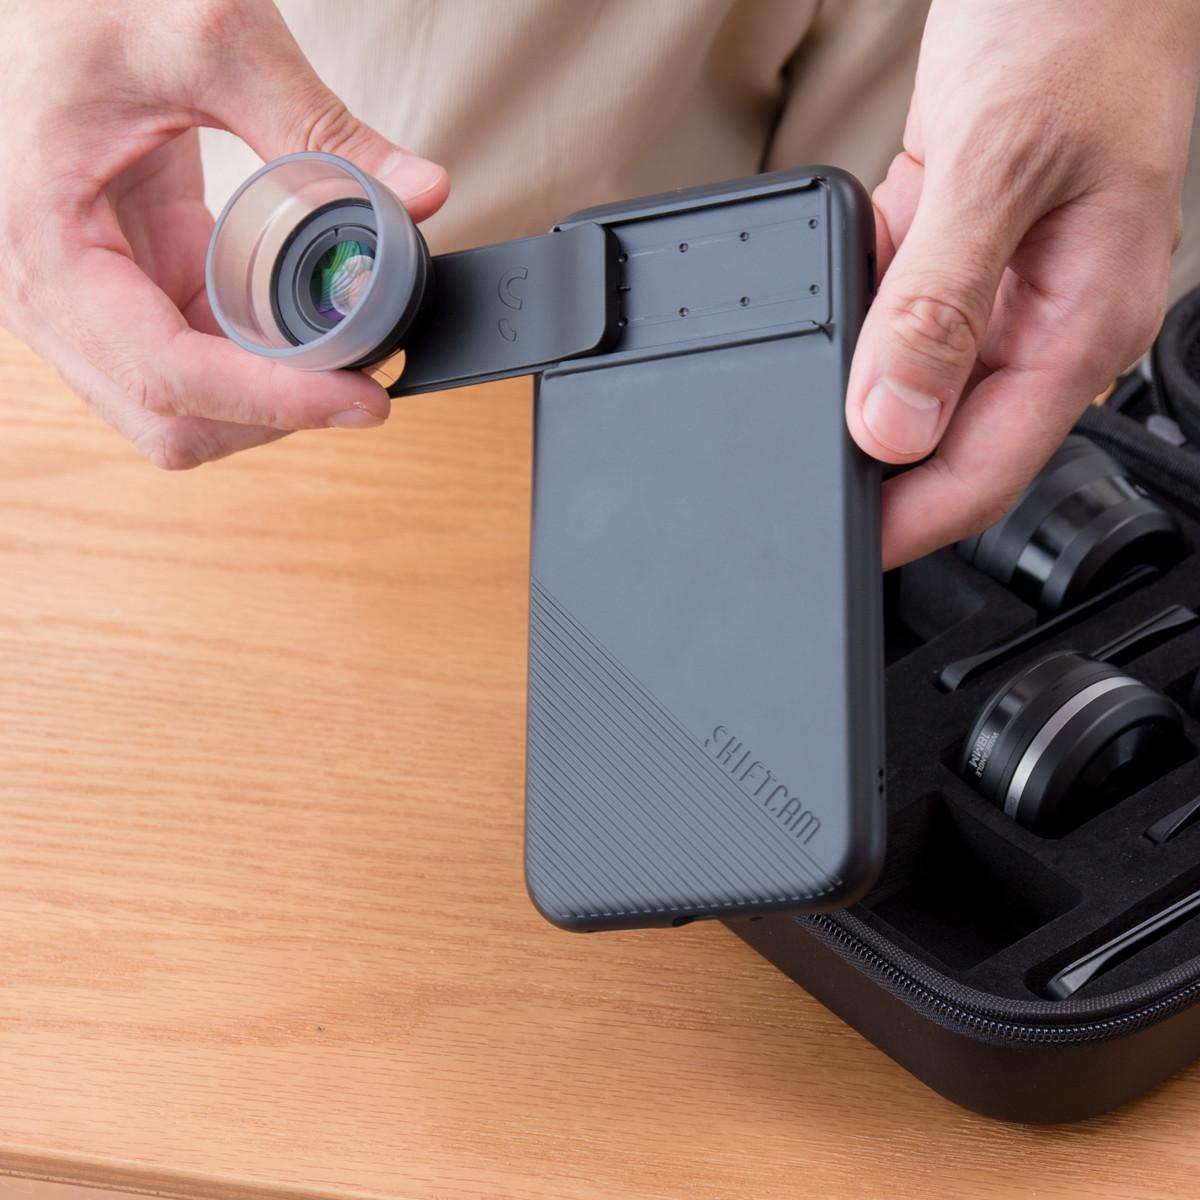 取り付けは極シンプル。6種類のレンズを装備したiPhoneケース(プロ・マクロレンズ) | ShiftCam 2.0